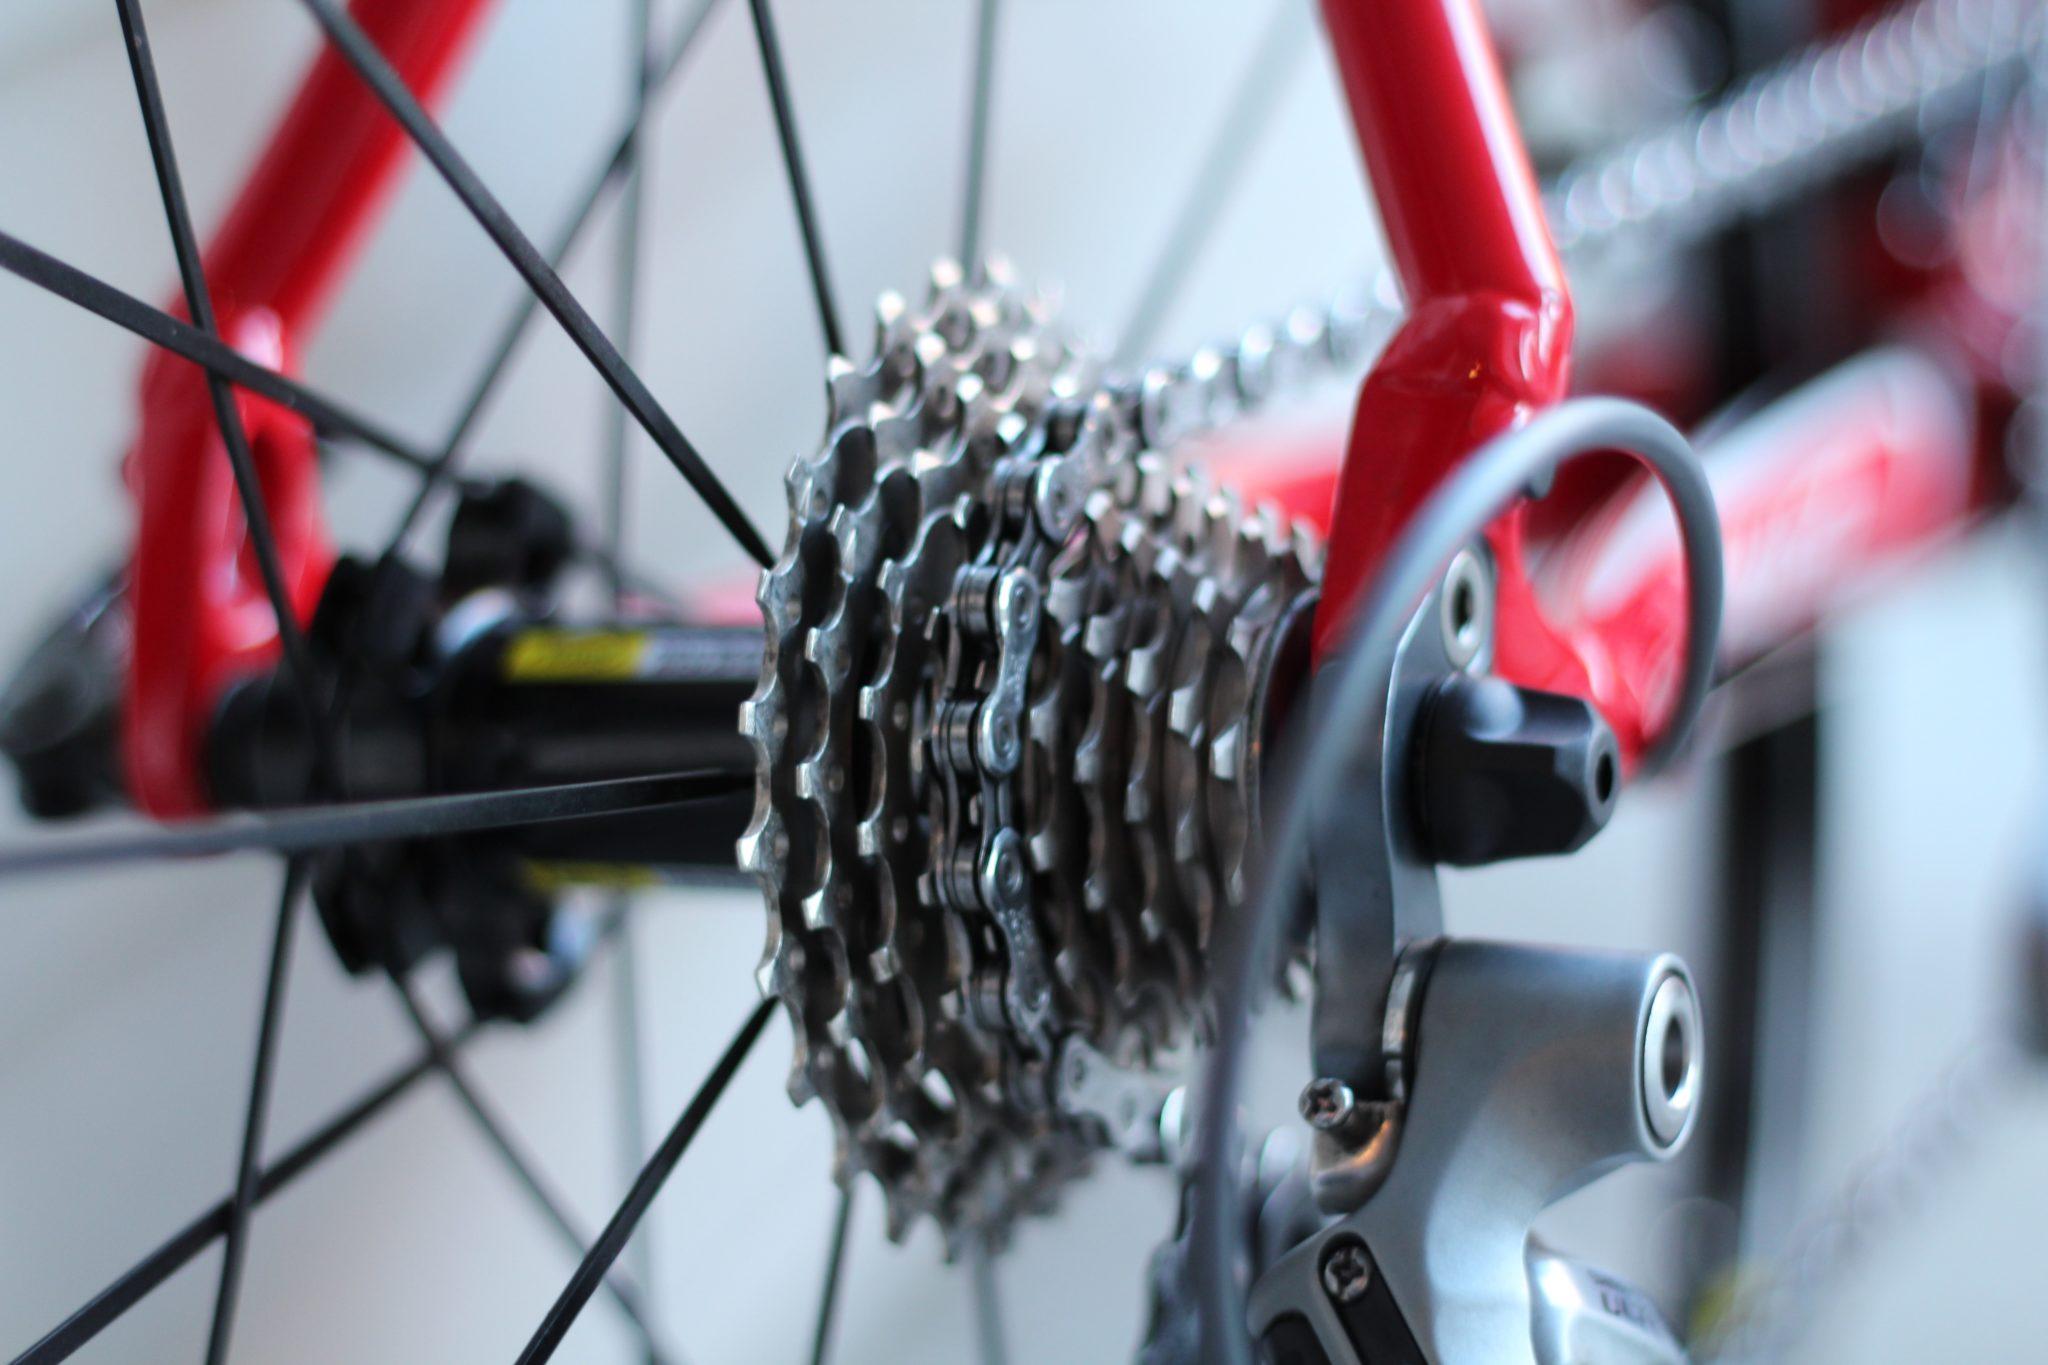 Comment bien entretenir son vélo ? Conseils et astuces